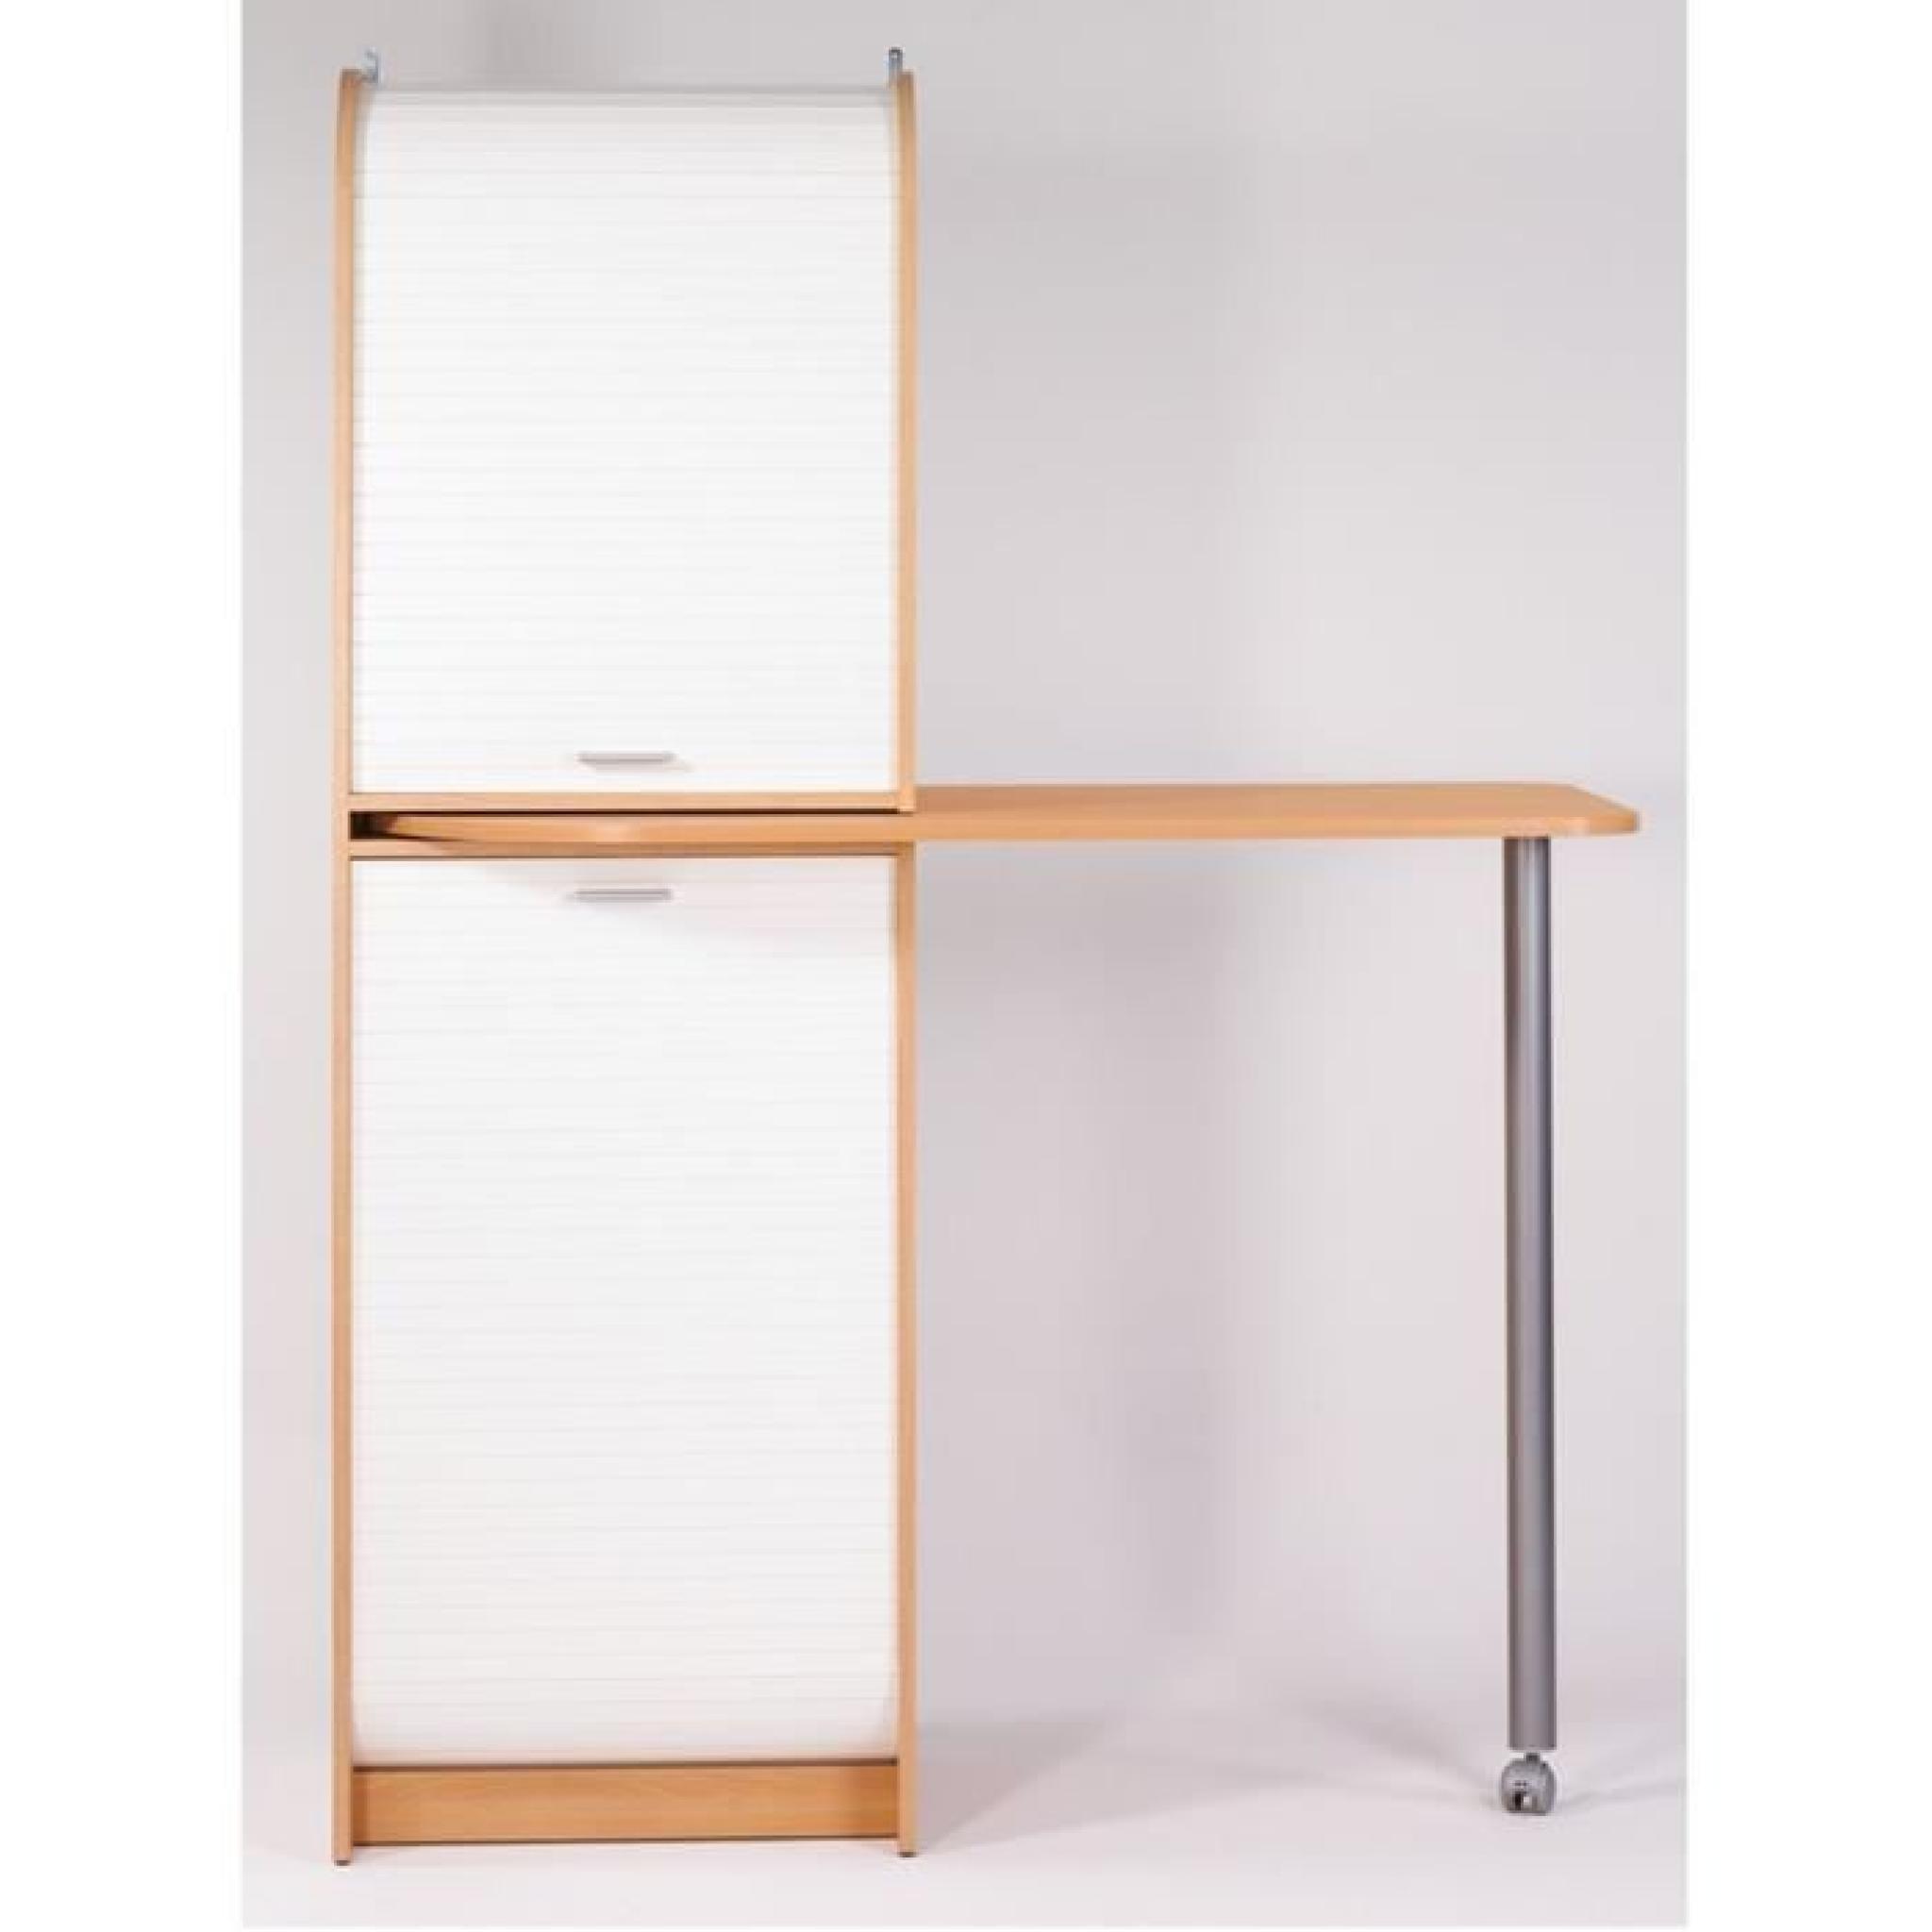 Snack meuble de rangement et table de cuisine 131 1 cm for Table de cuisine rangement